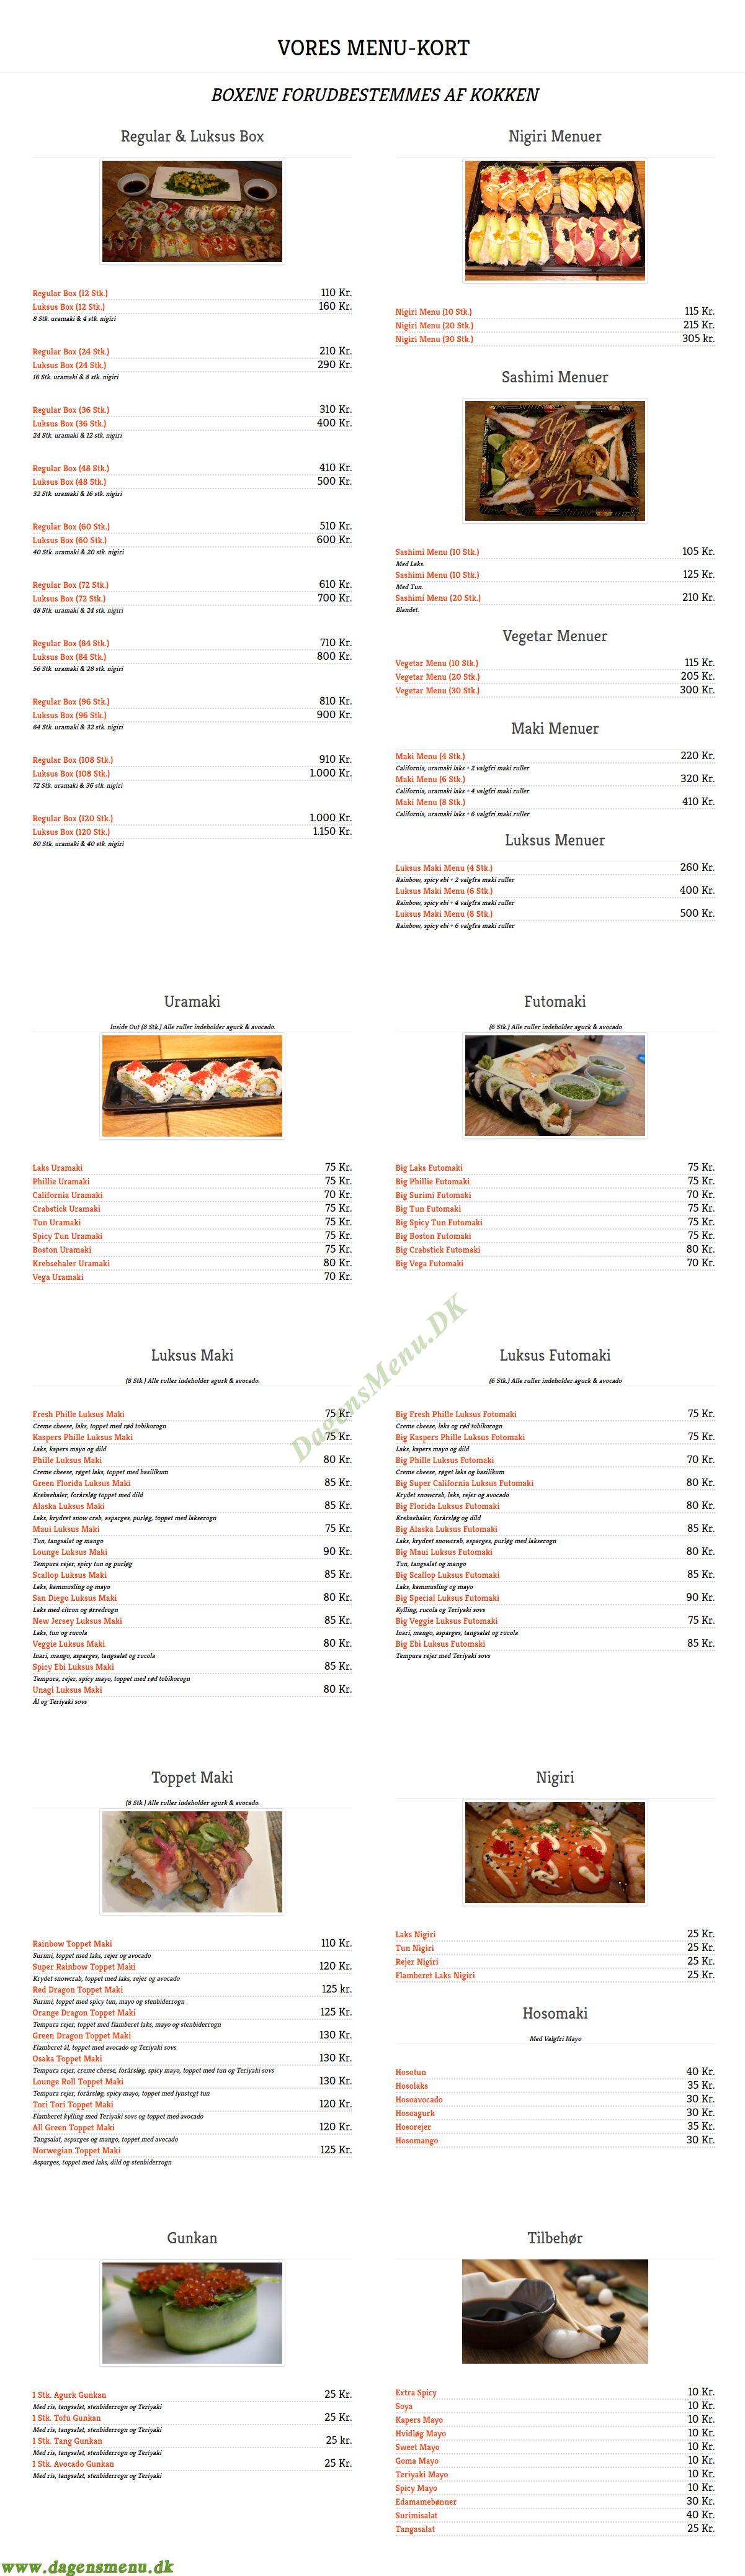 Sushi Lounge - Menukort